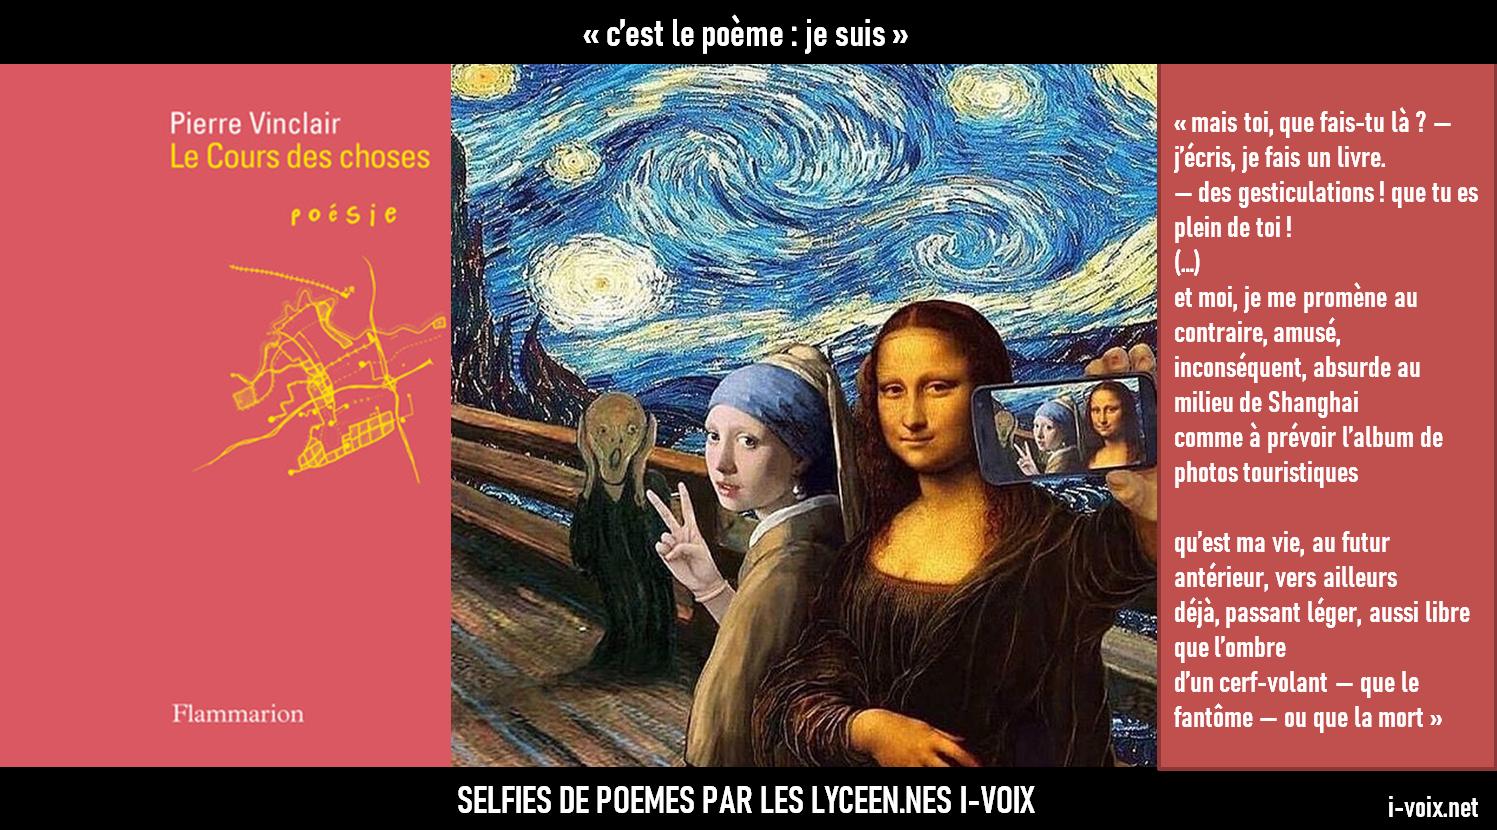 Selfies de poèmes - Le Cours des choses